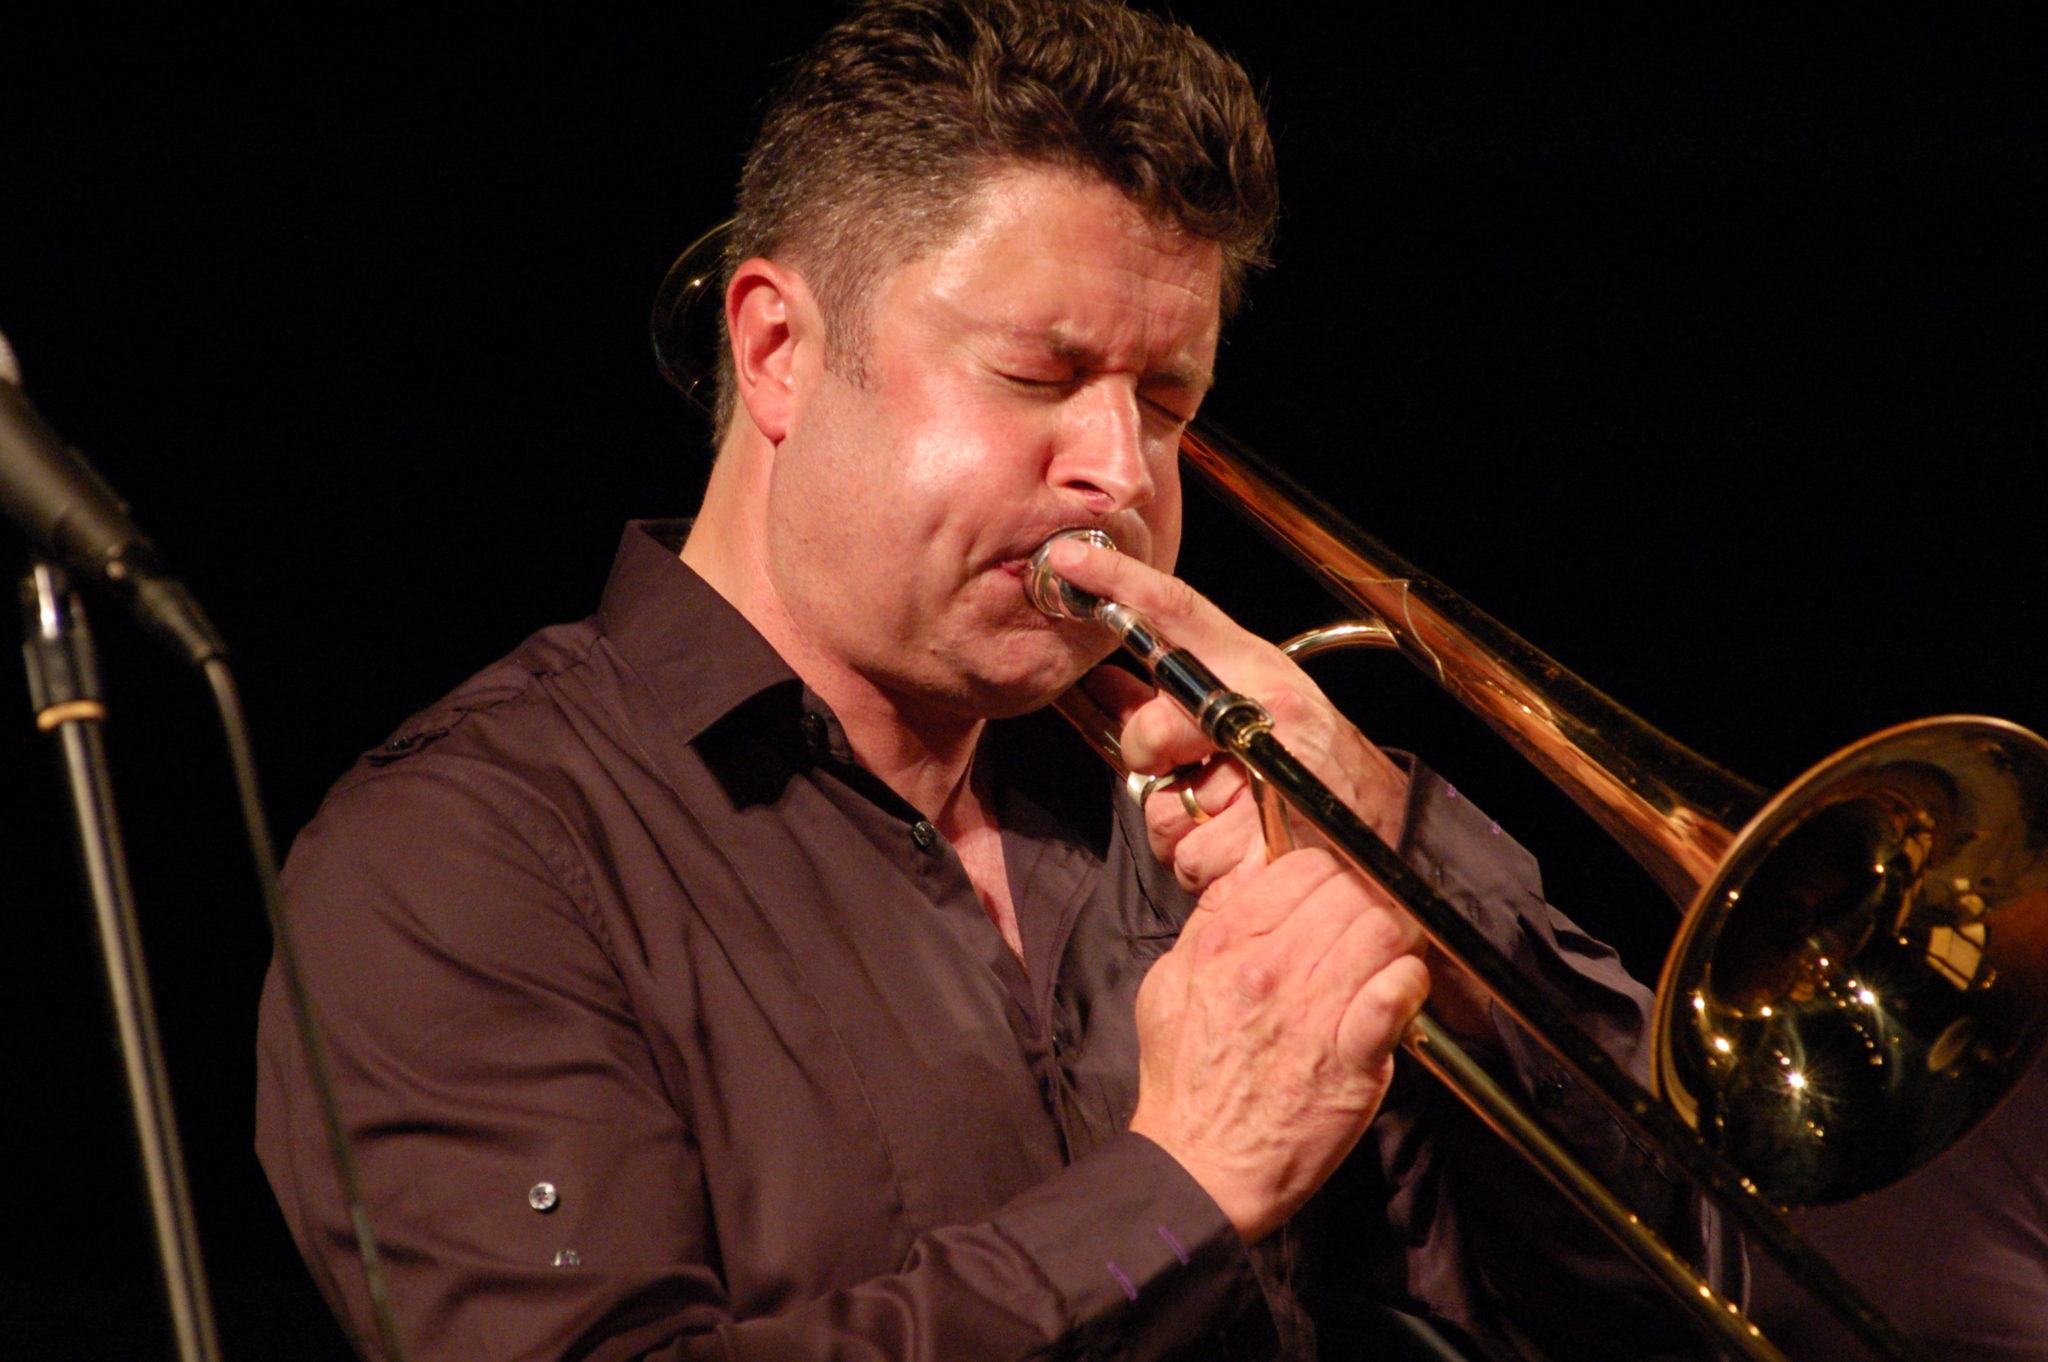 JazzUp Founder - Dave Keech